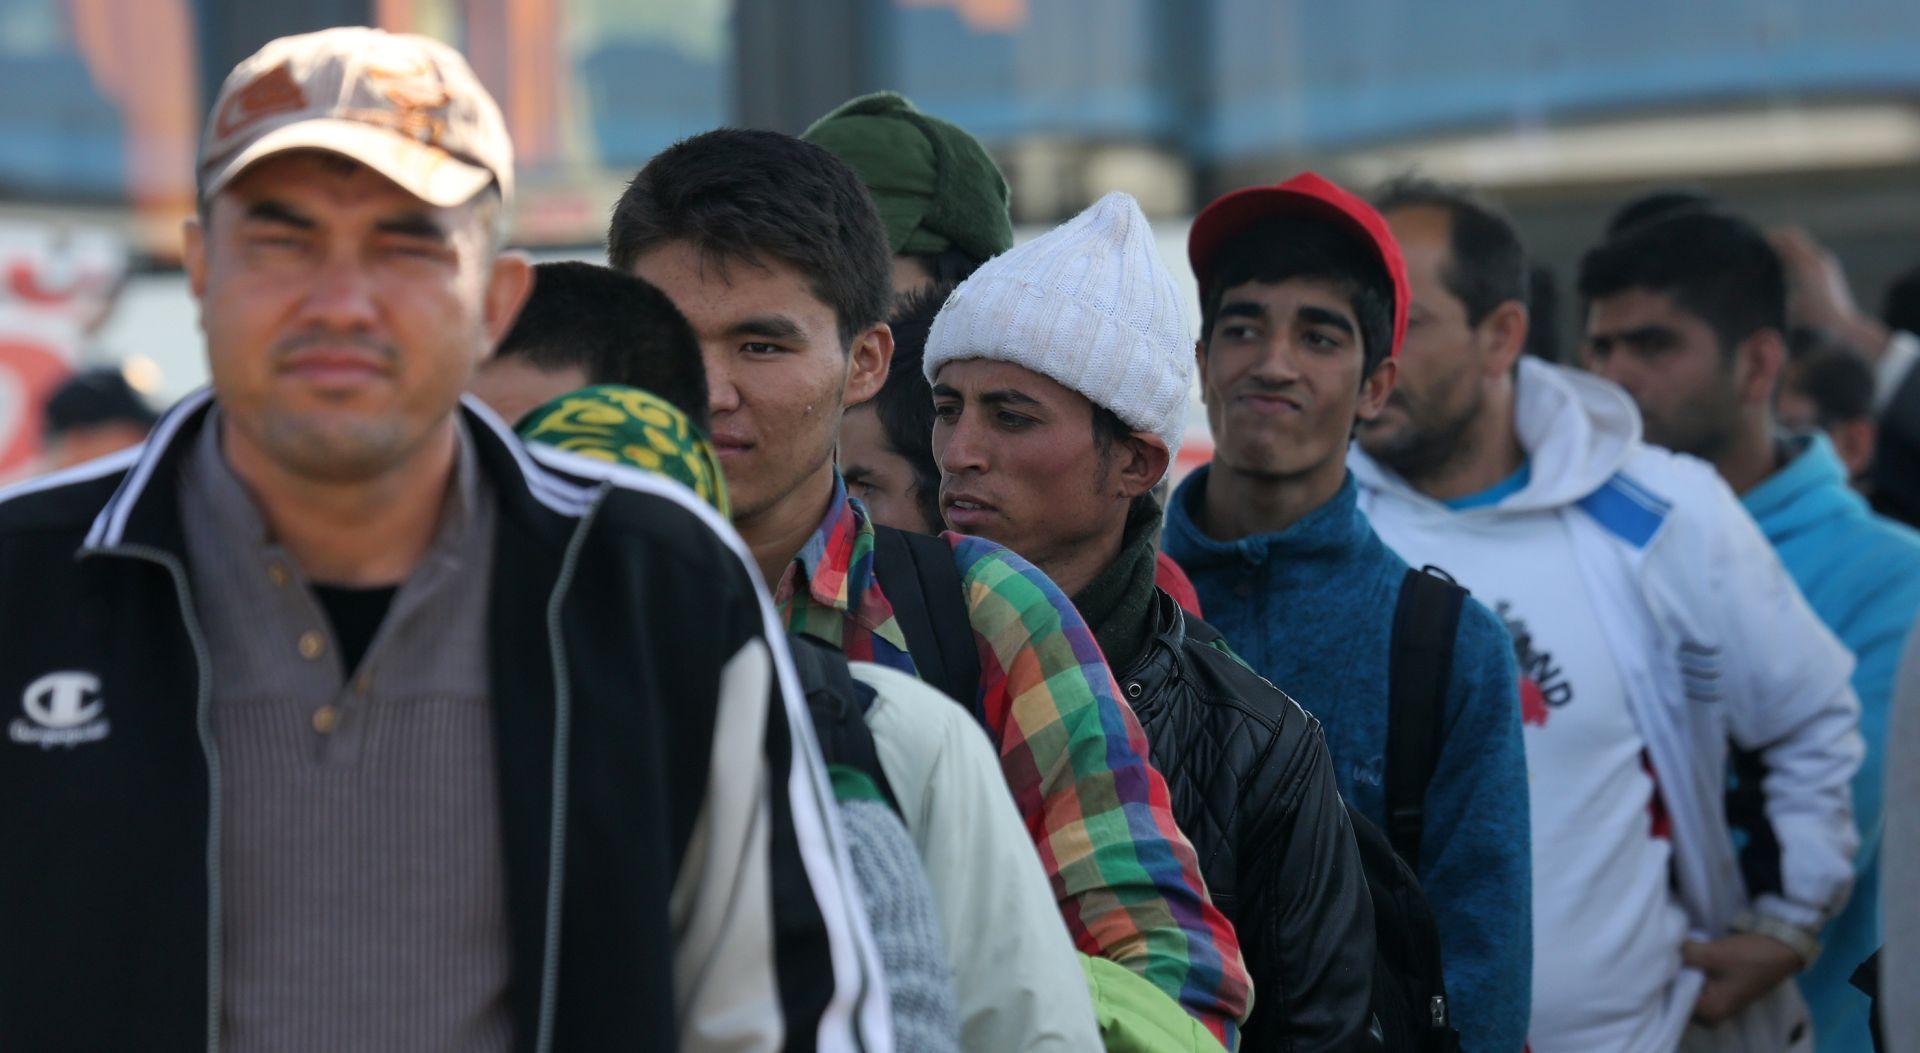 Sirijske izbjeglice: Naši su neprijatelji svi koji su nam razorili zemlju i život